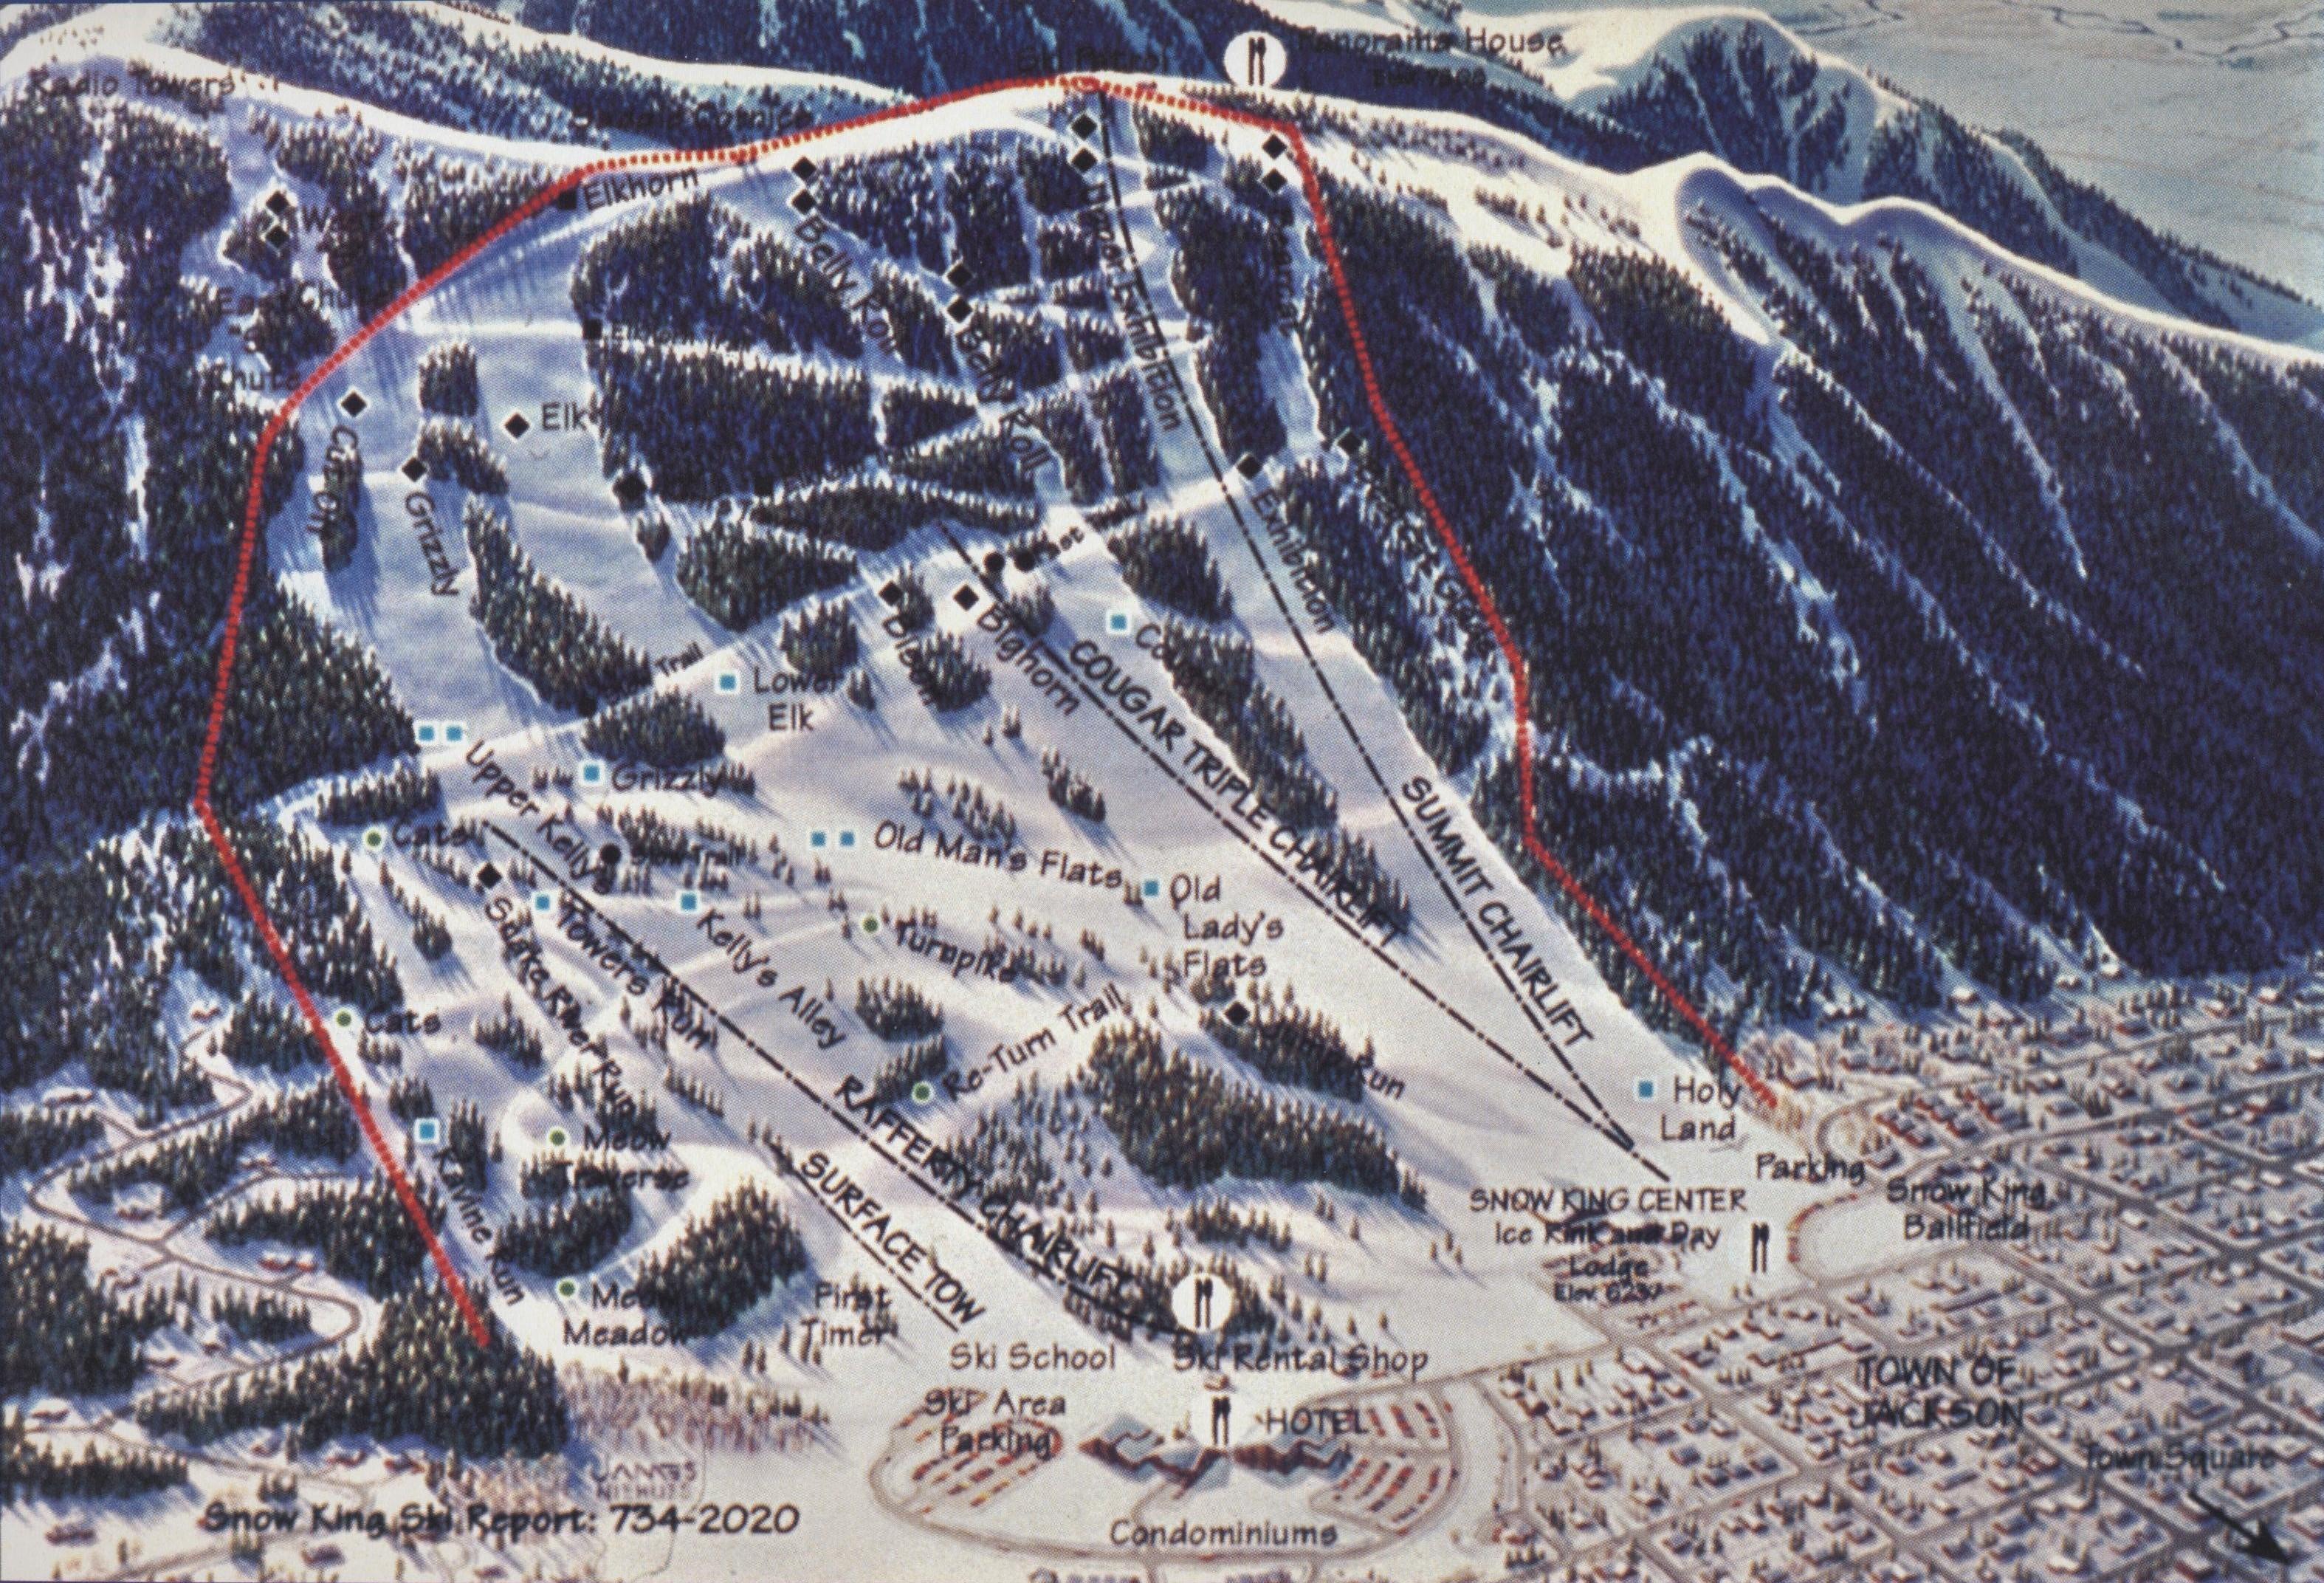 Snow King Ski Area Ski Trail Map - Jackson Wyoming United States ...